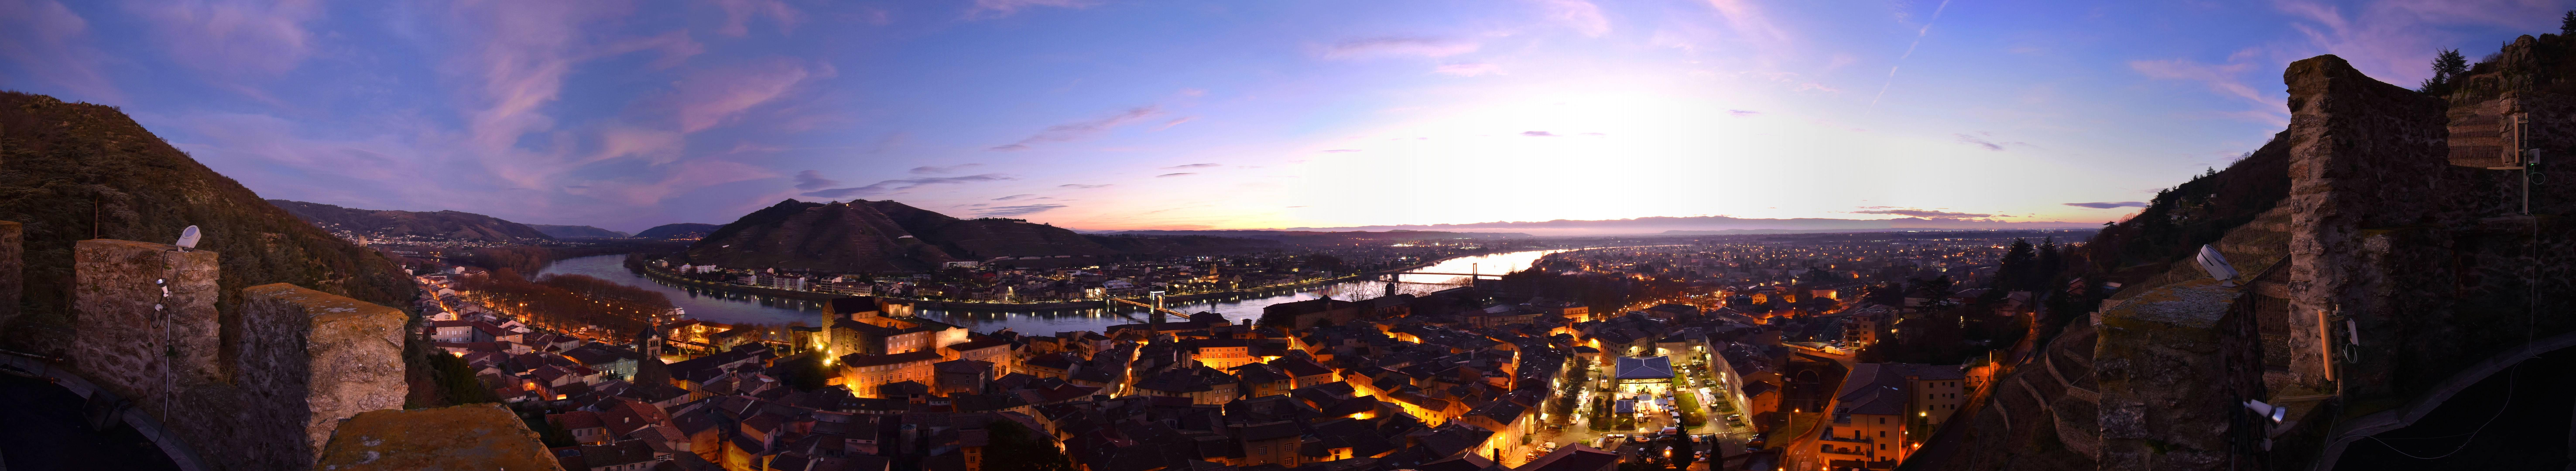 la webcam Tain-Tournon, Vallée du Rhône